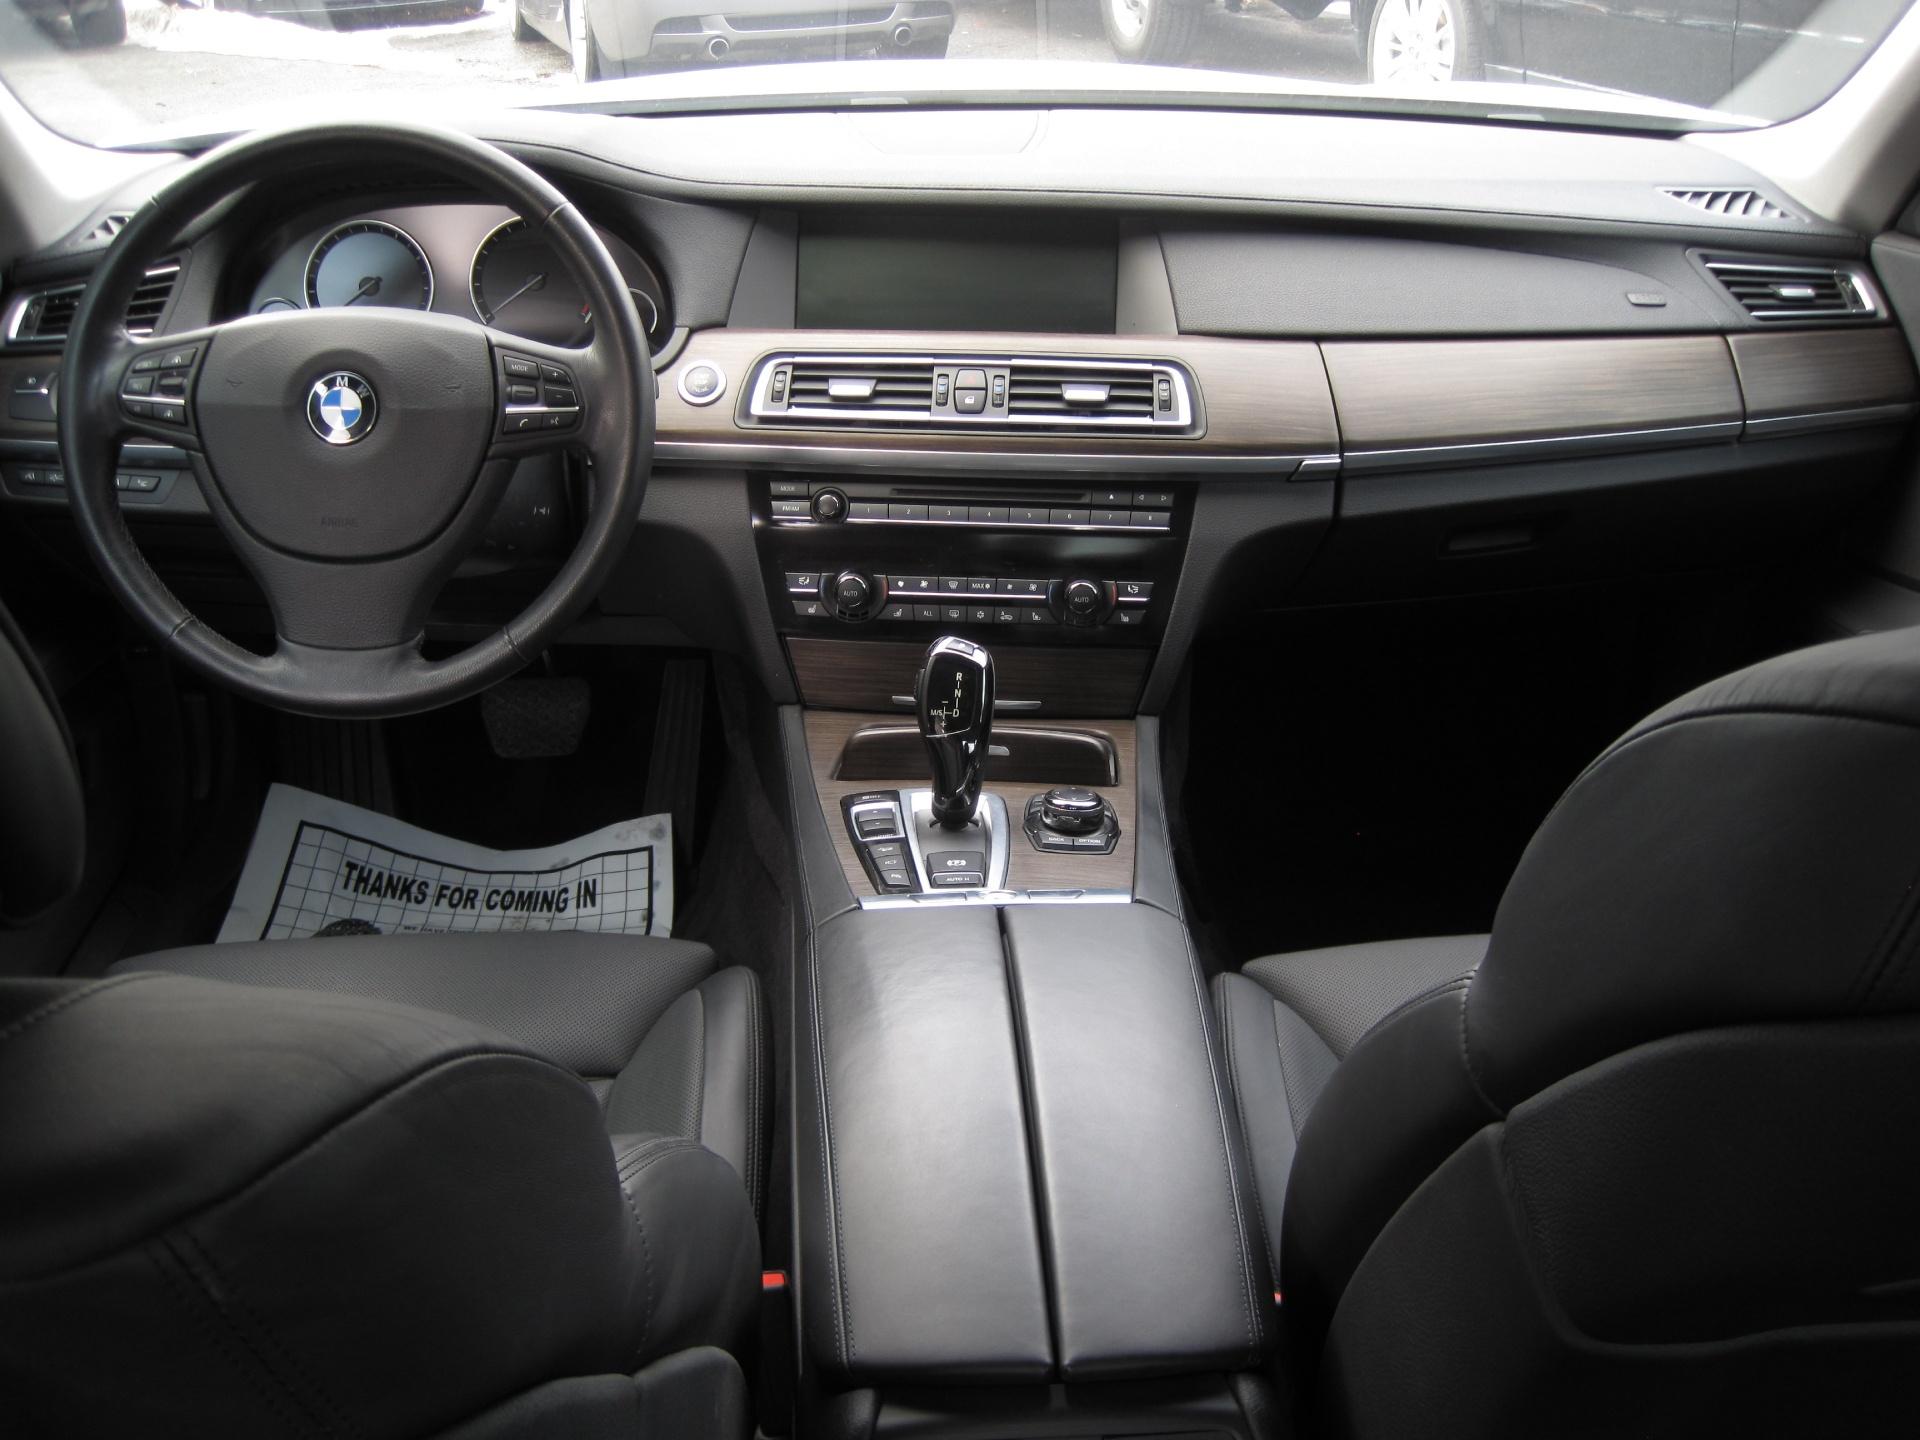 2011 BMW 7 Series 750Li xDrive MSRP WAS 112,000$,SUPER LOADED,REAR ...